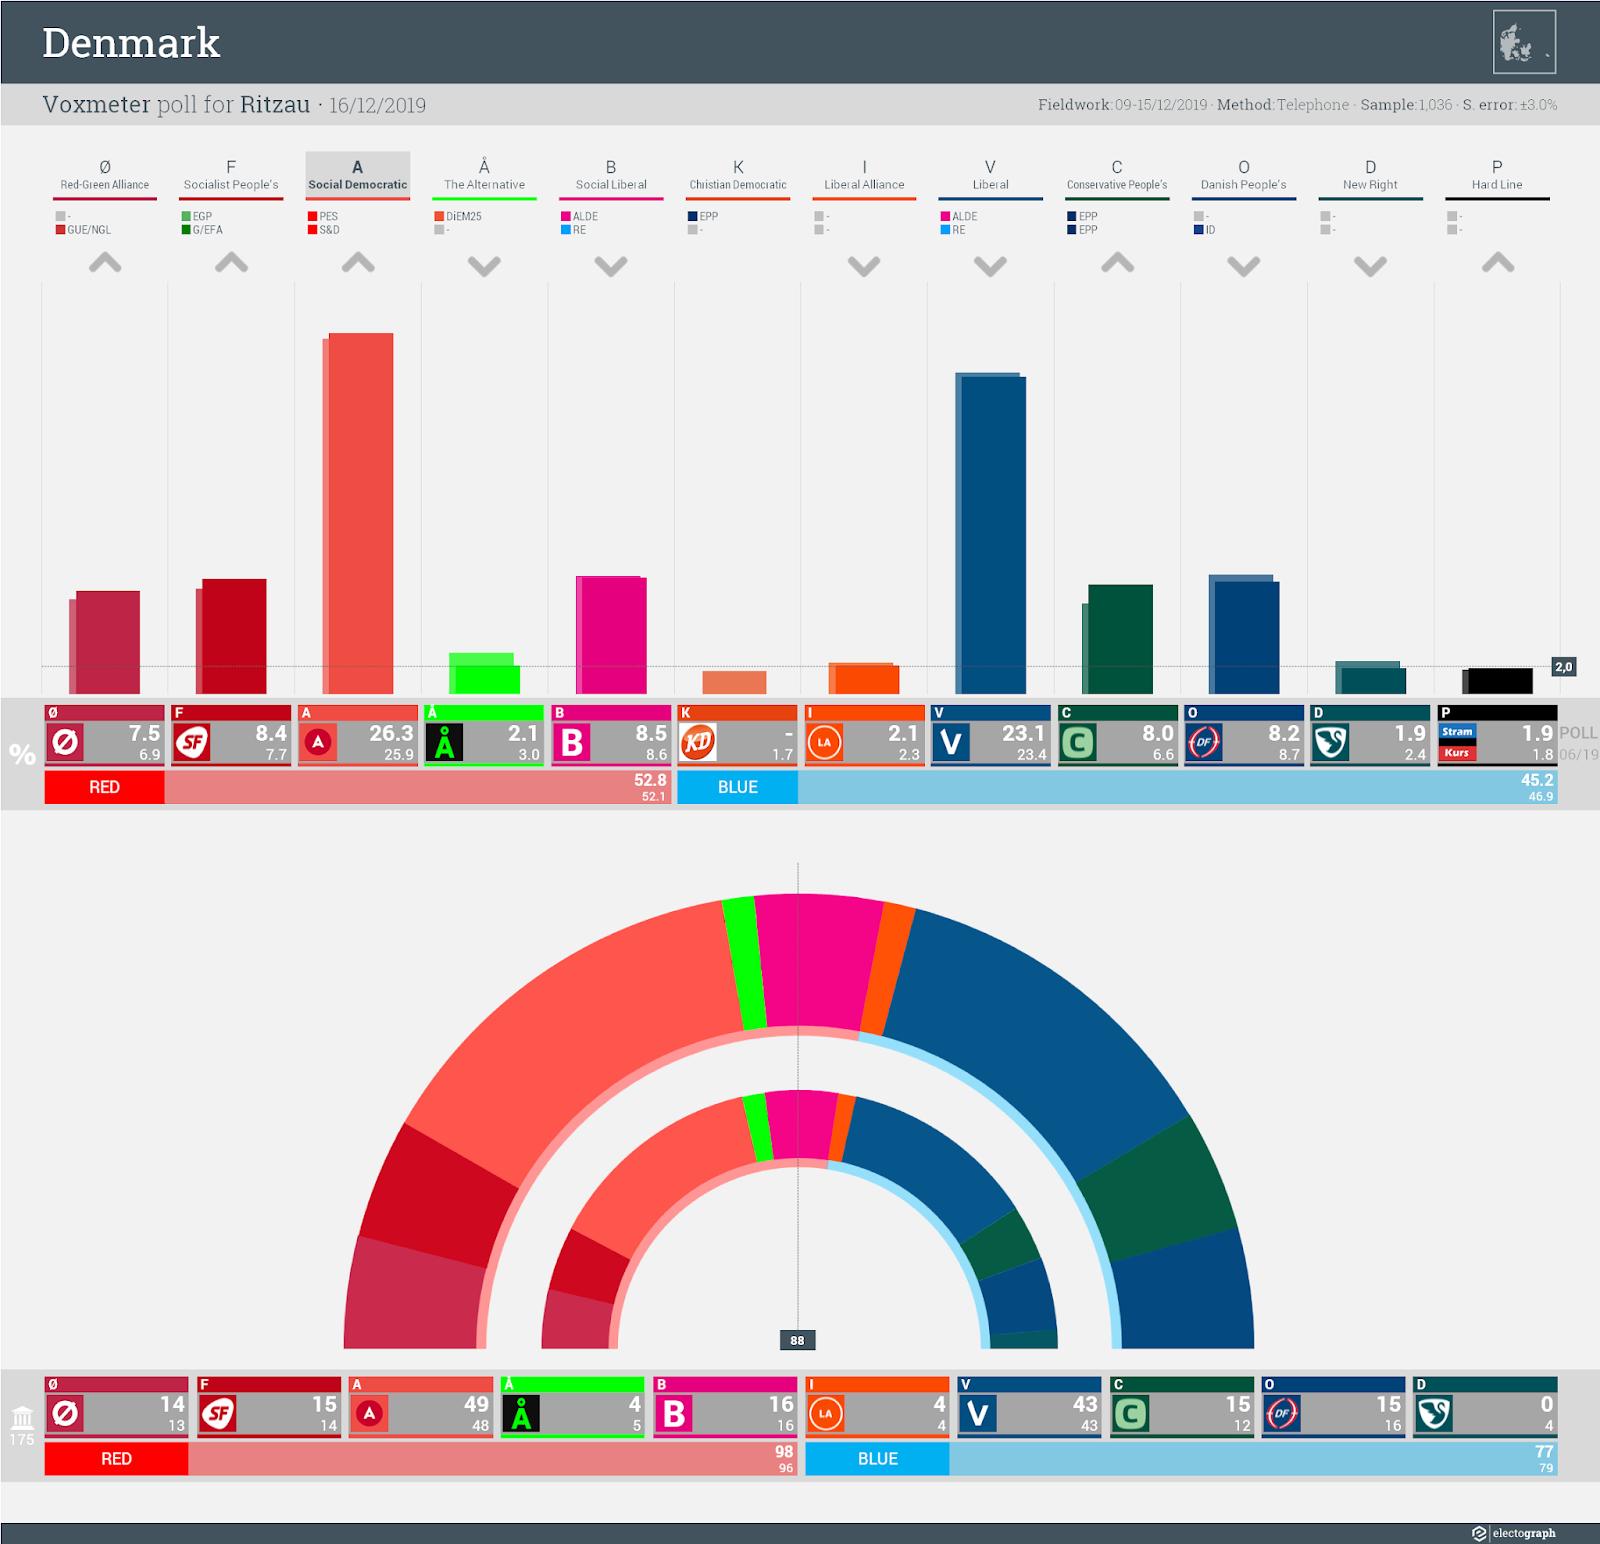 DENMARK: Voxmeter poll chart for Ritzau, 16 December 2019